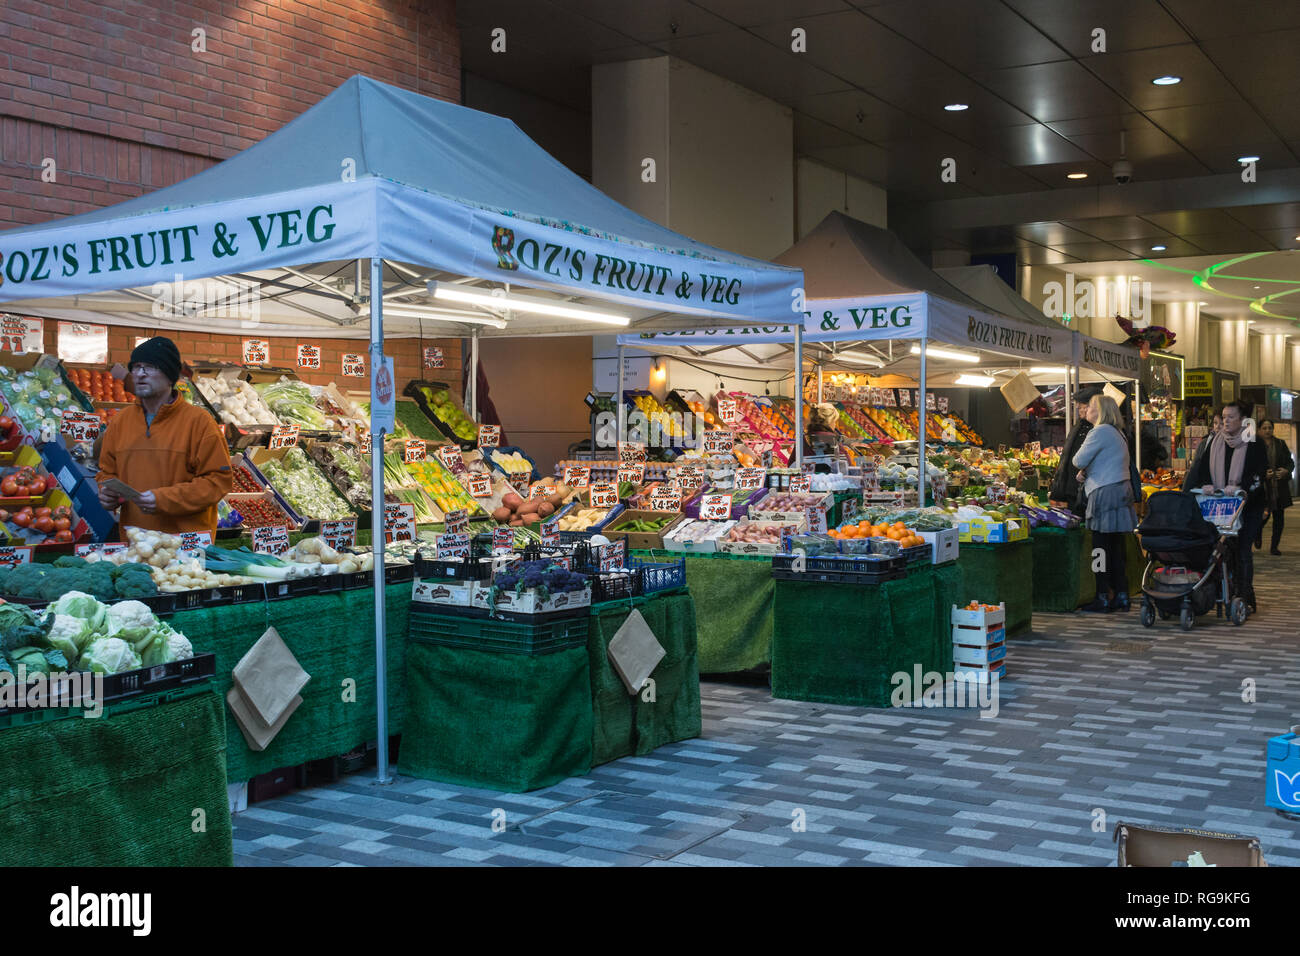 Des étals de fruits et légumes sur pied du marché dans le centre-ville de Woking, Surrey, Royaume-Uni, avec des gens pour faire du shopping. La vie quotidienne. Photo Stock